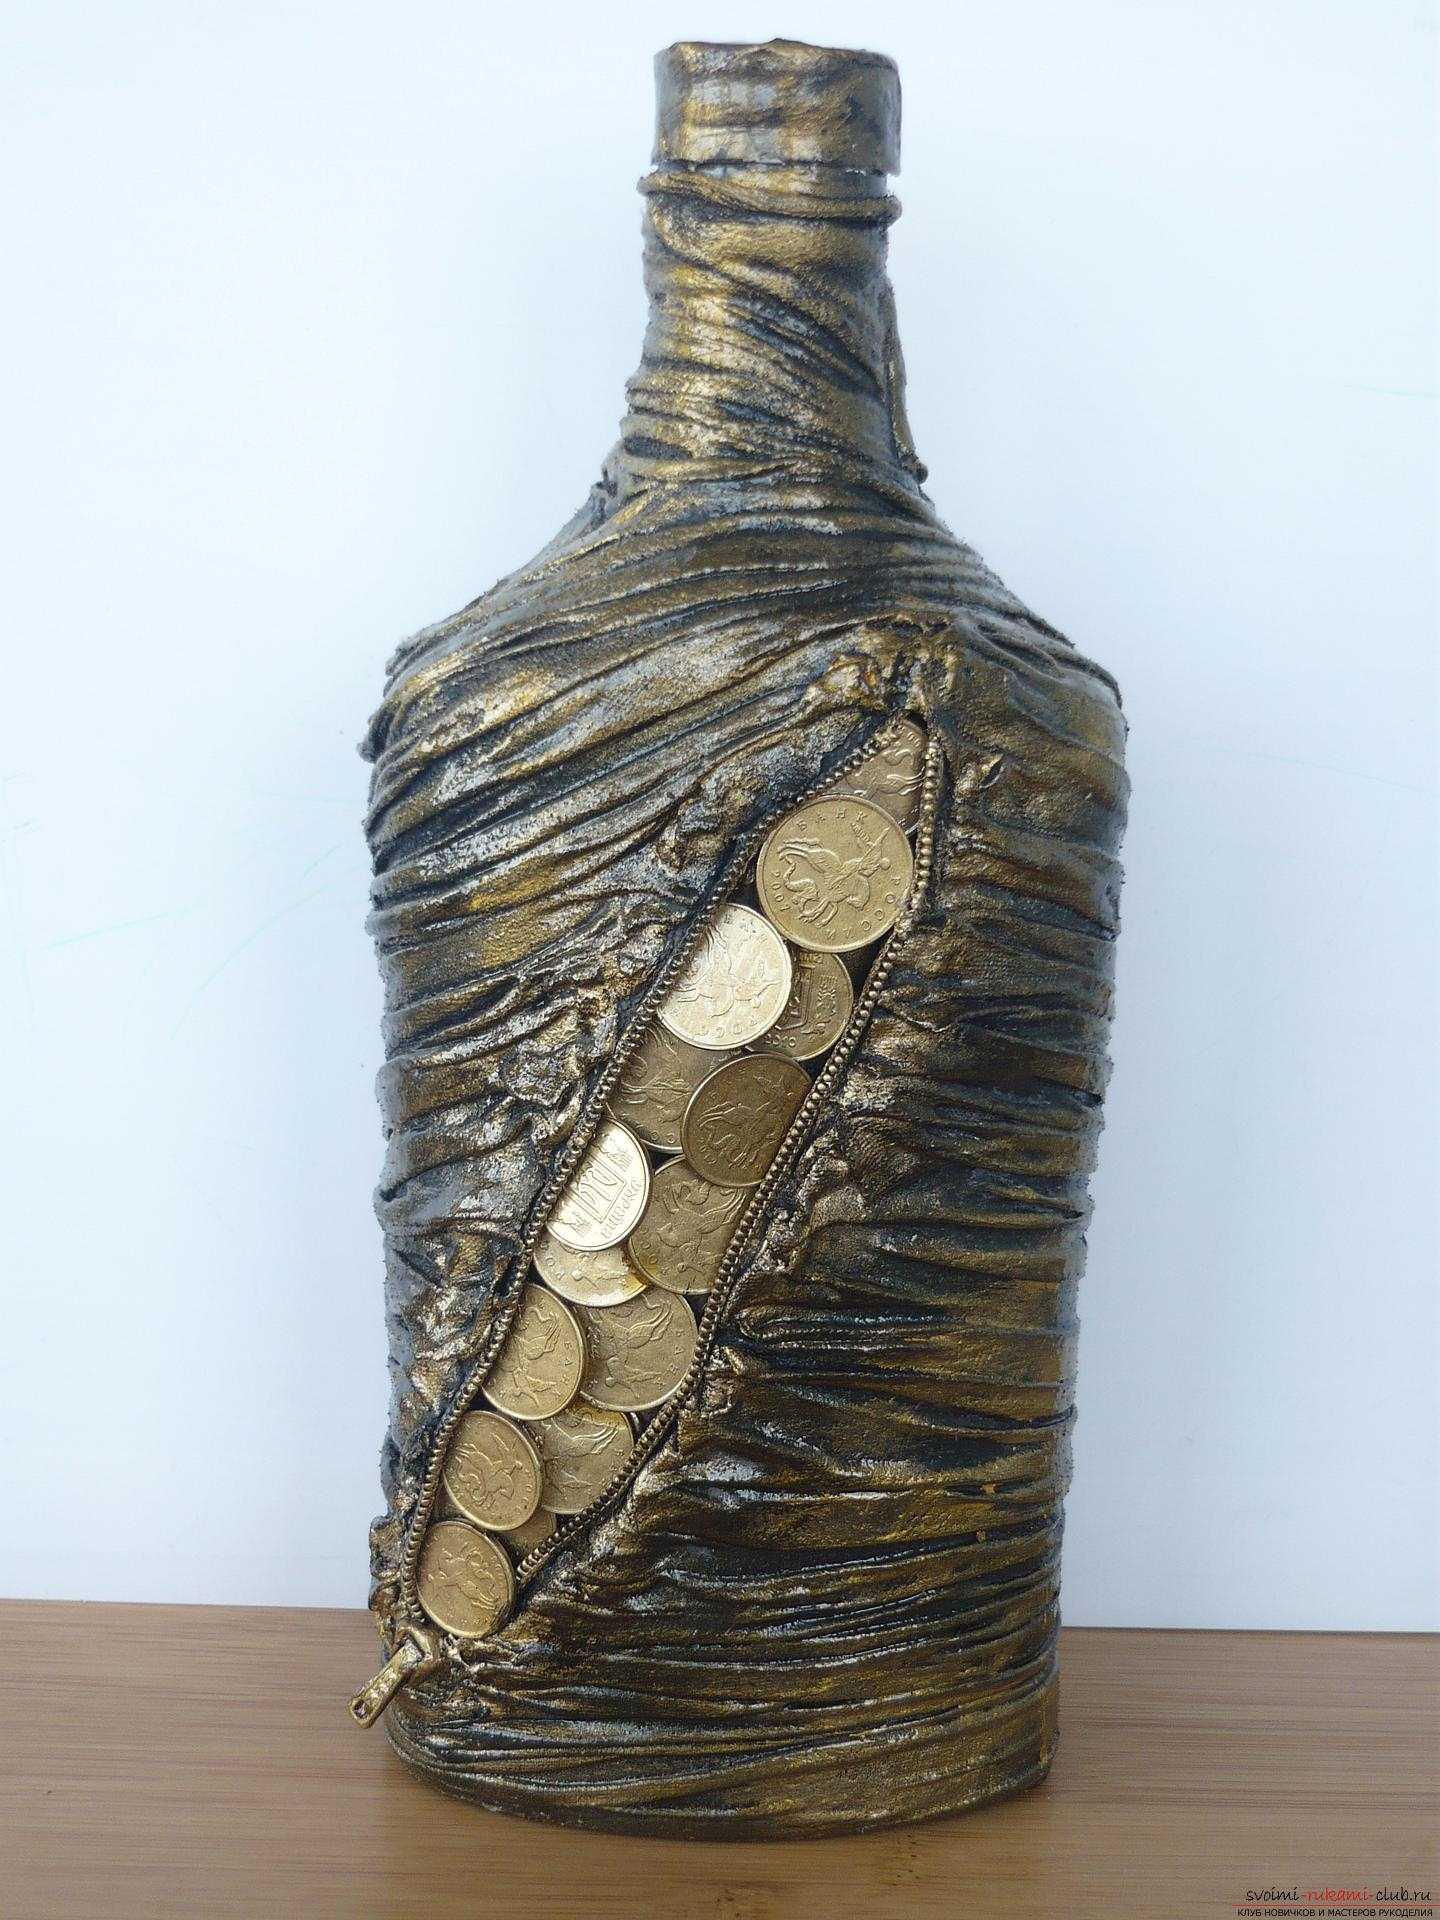 beau design de bouteilles pour l'intérieur de la pièce